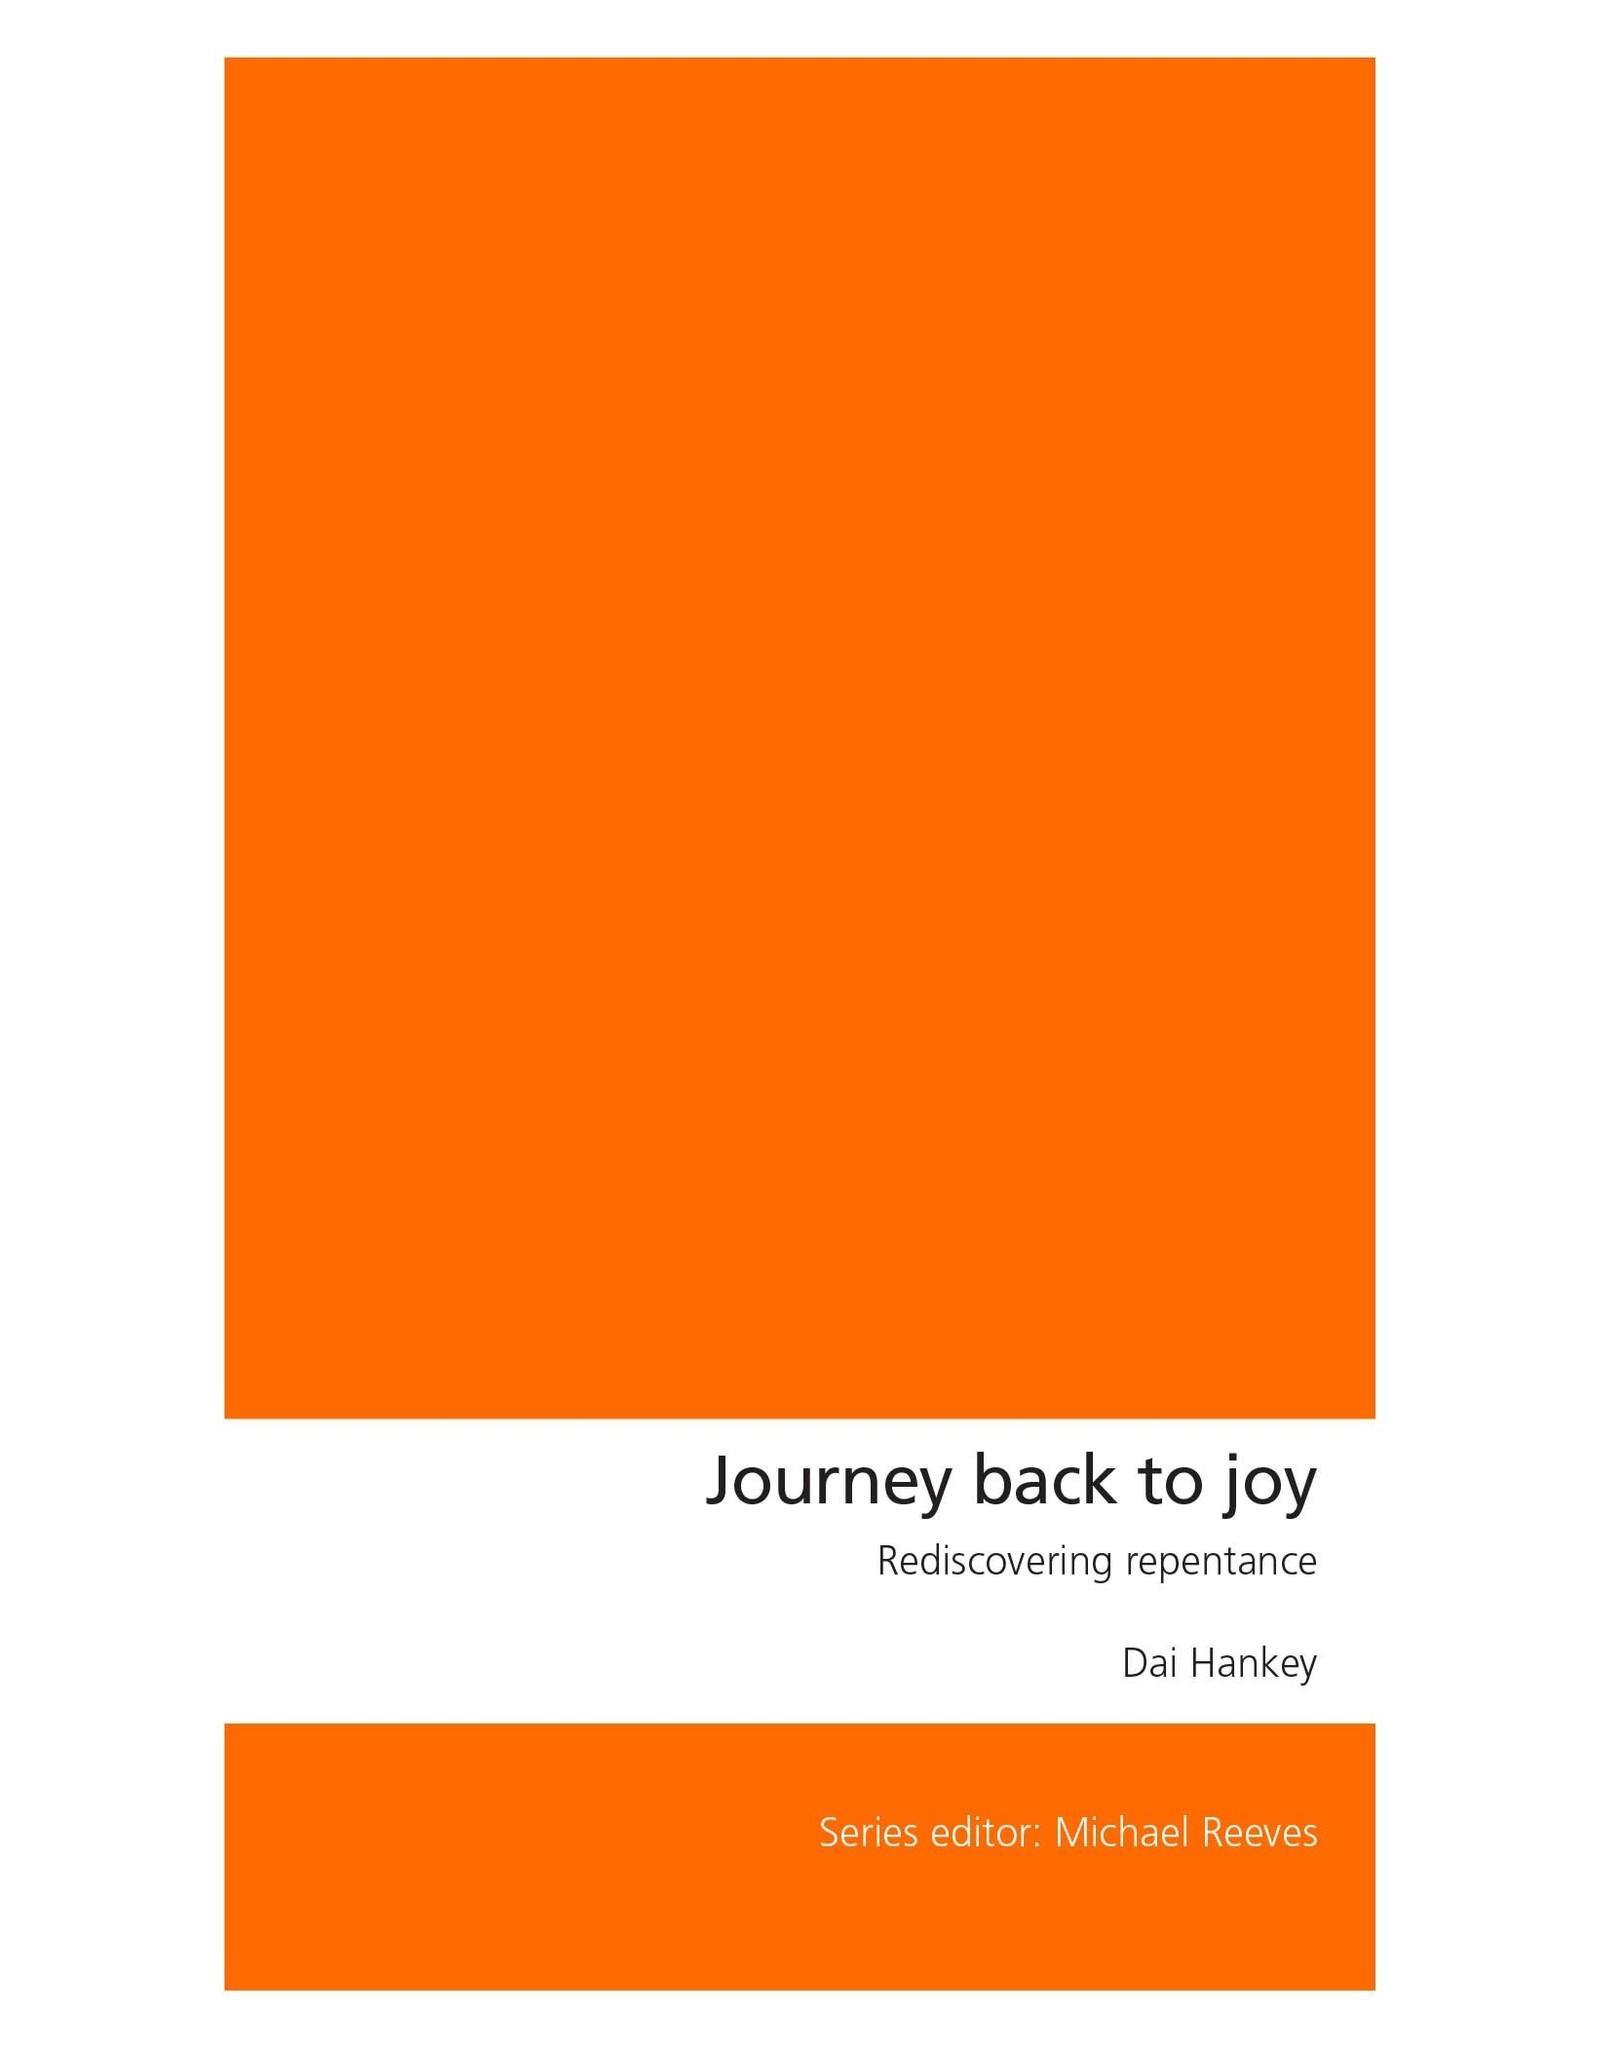 10ofThose / 10 Publishing Journey Back to Joy